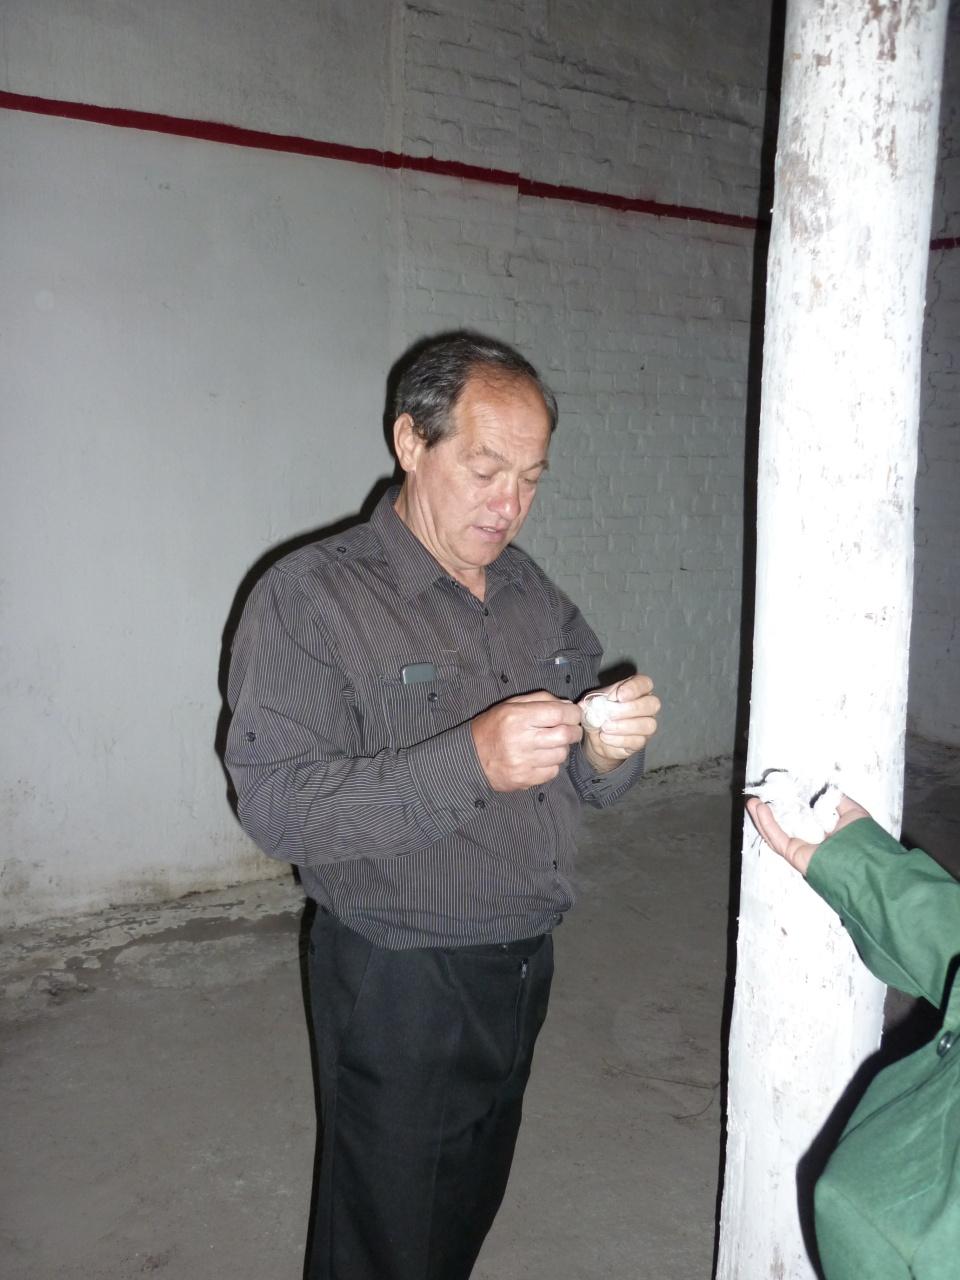 Провідний фахівець-агроном відділу фітосанітарних процедур Гасса В.Р. під час виставлення харчових принад в складських приміщеннях на виявлення капрового жука